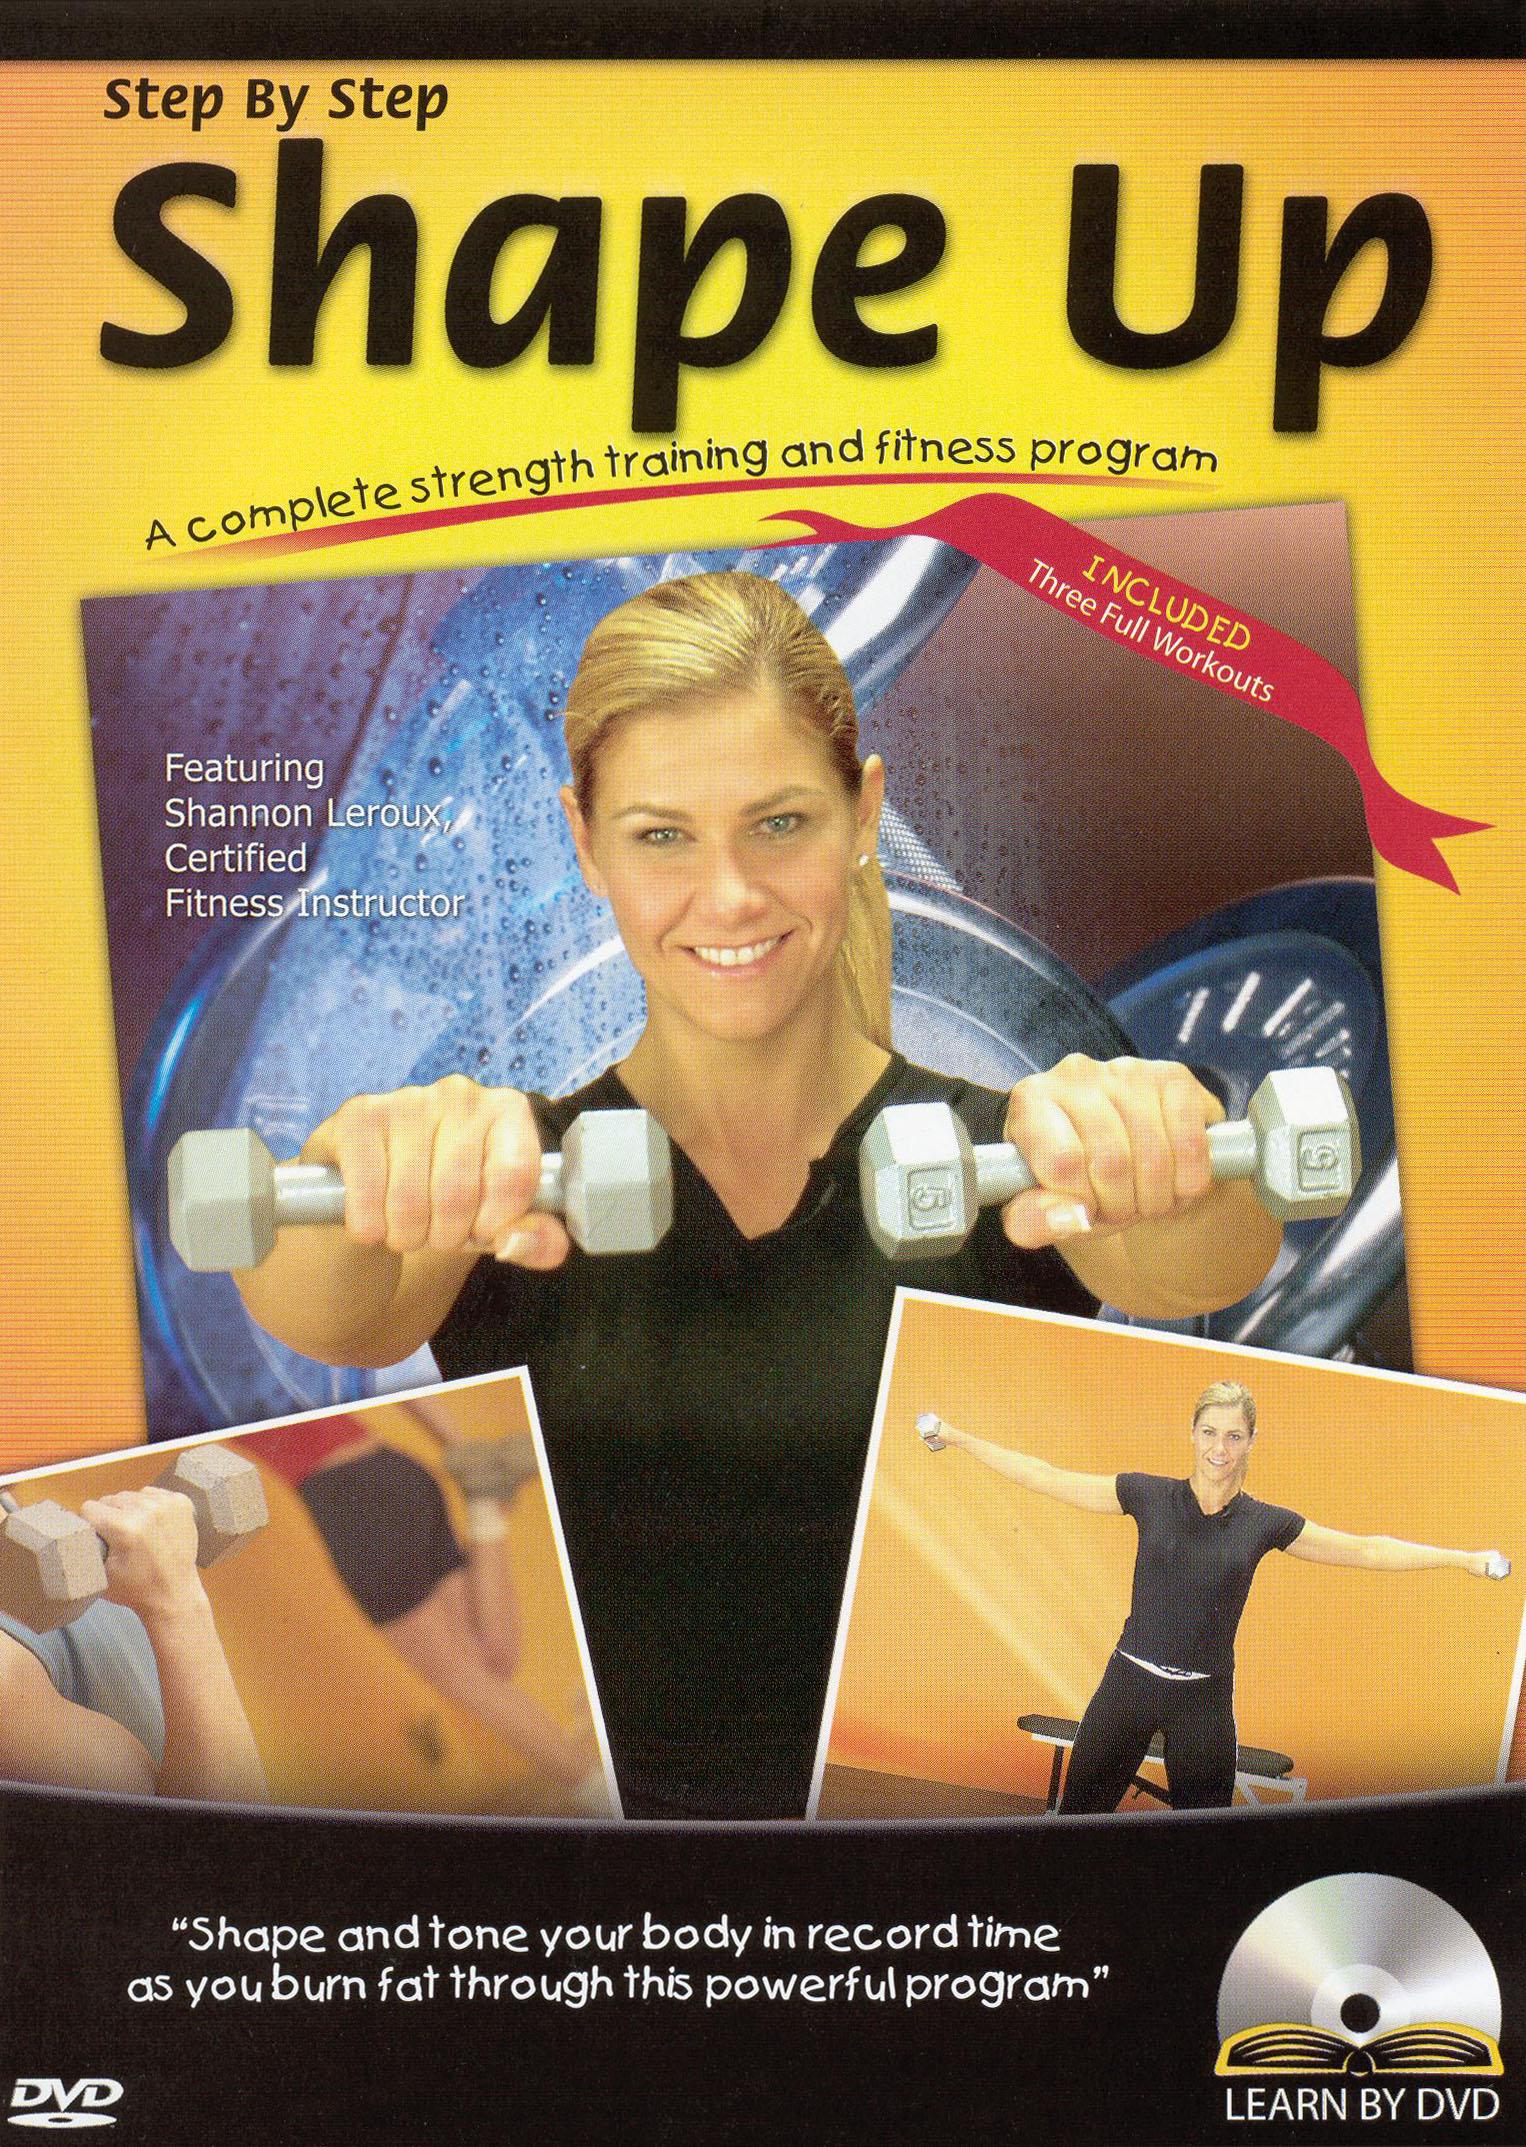 Step by Step: Shape Up